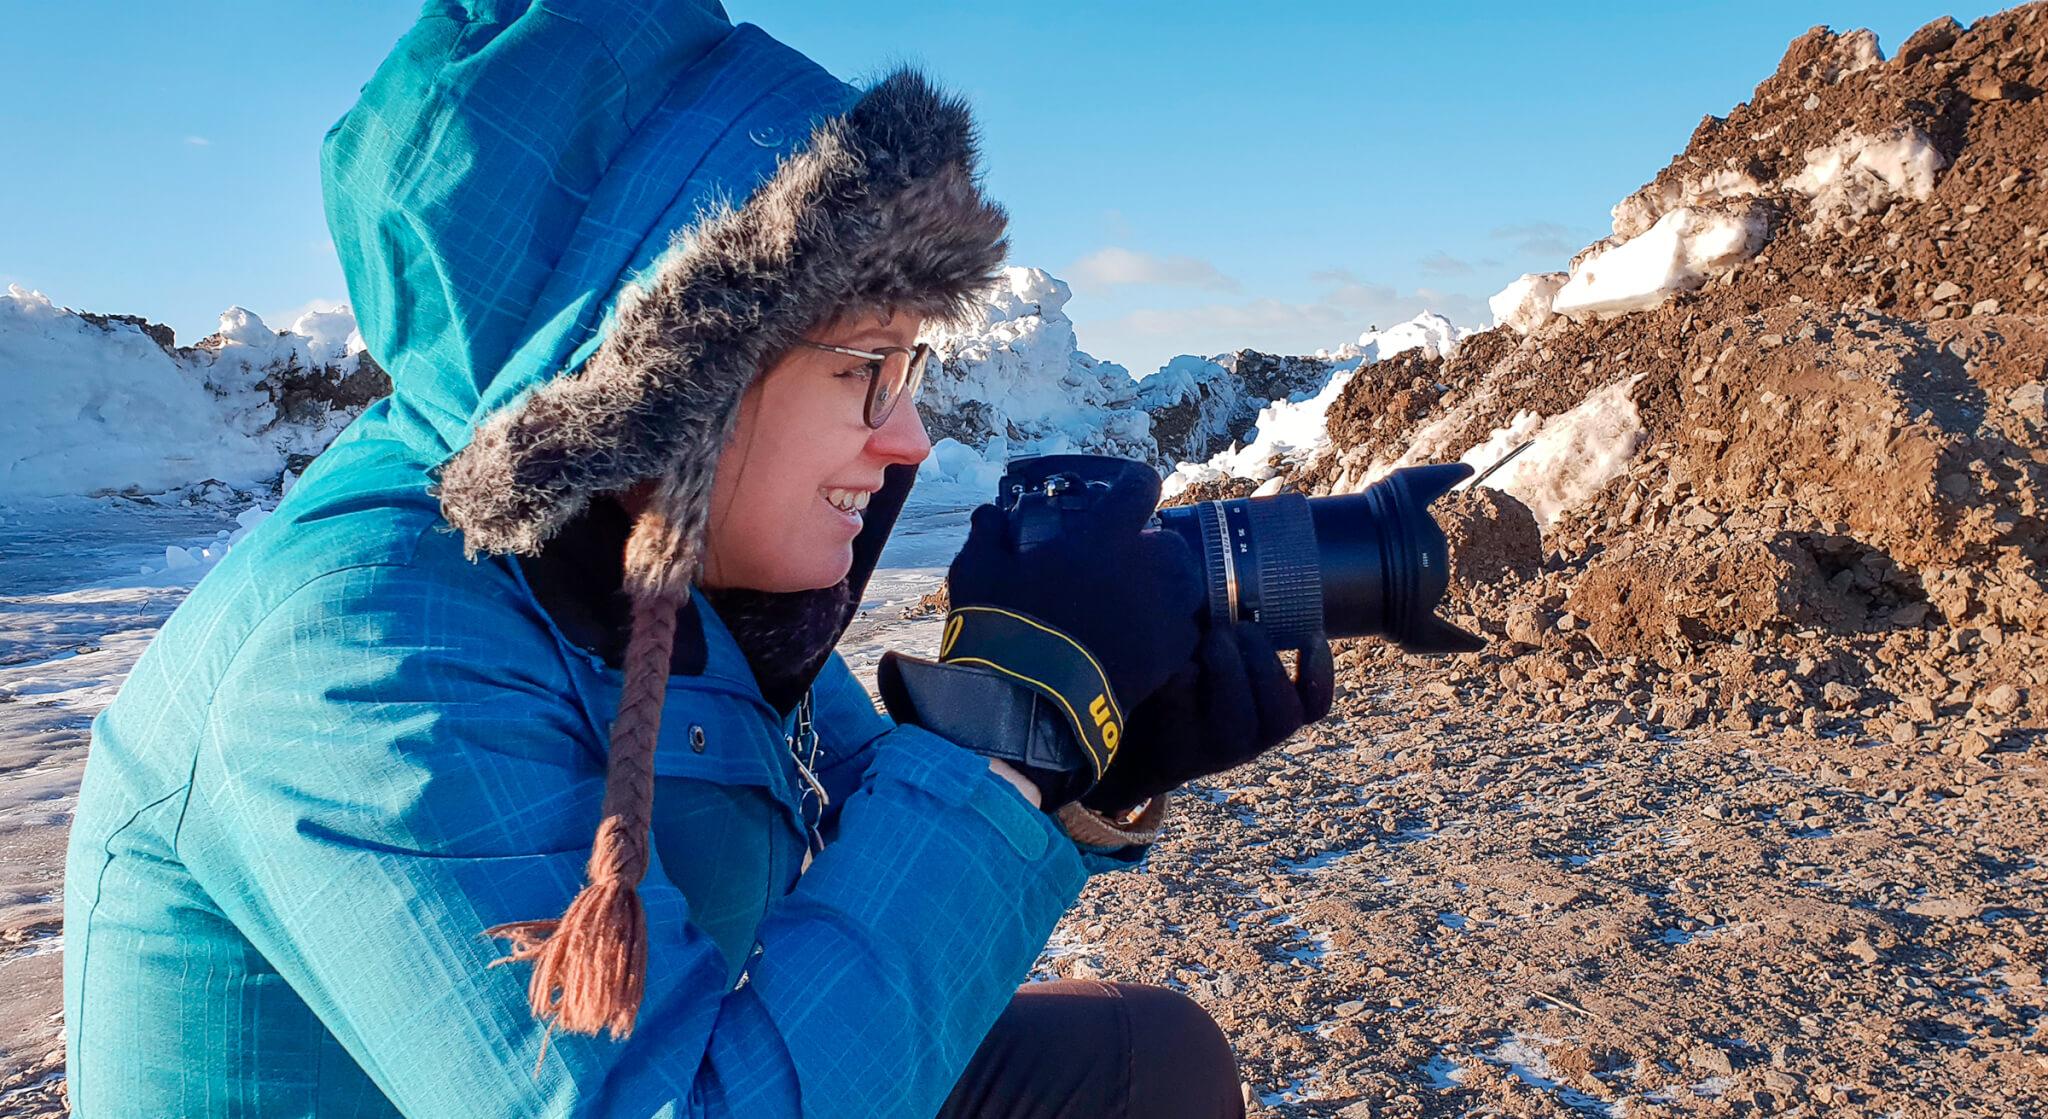 Valokuvaus, Design Inspis, valokuvaaja Jenina Bomström.